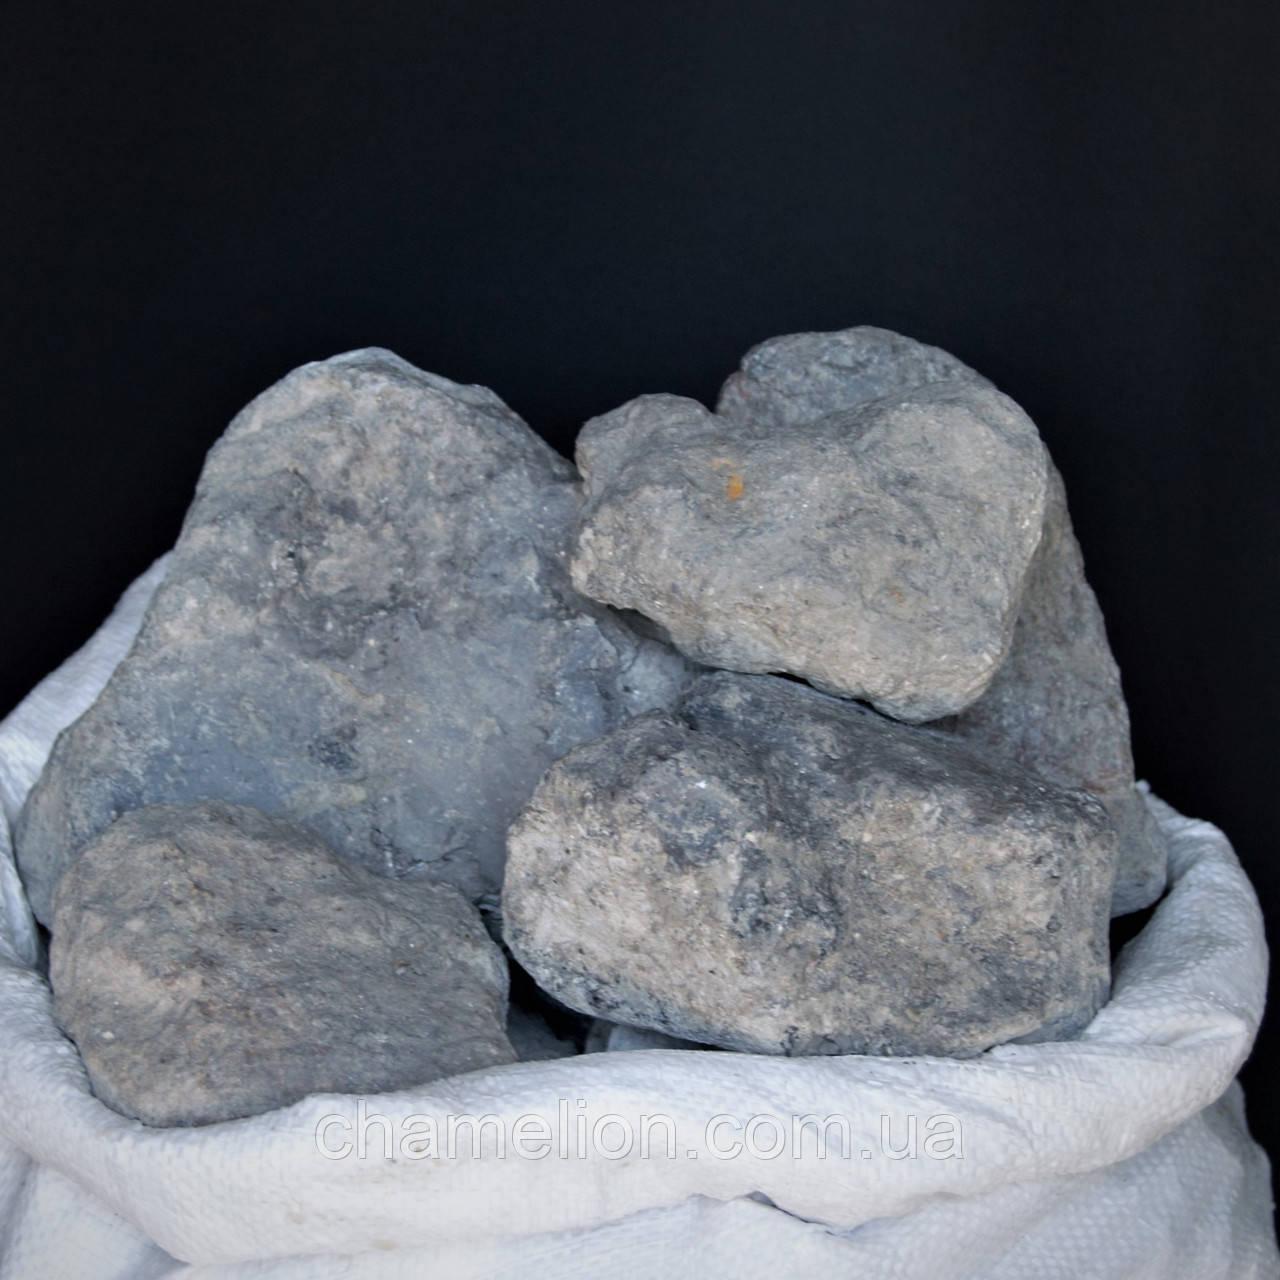 Блакитна глина кускова (Голубая глина кусковая)